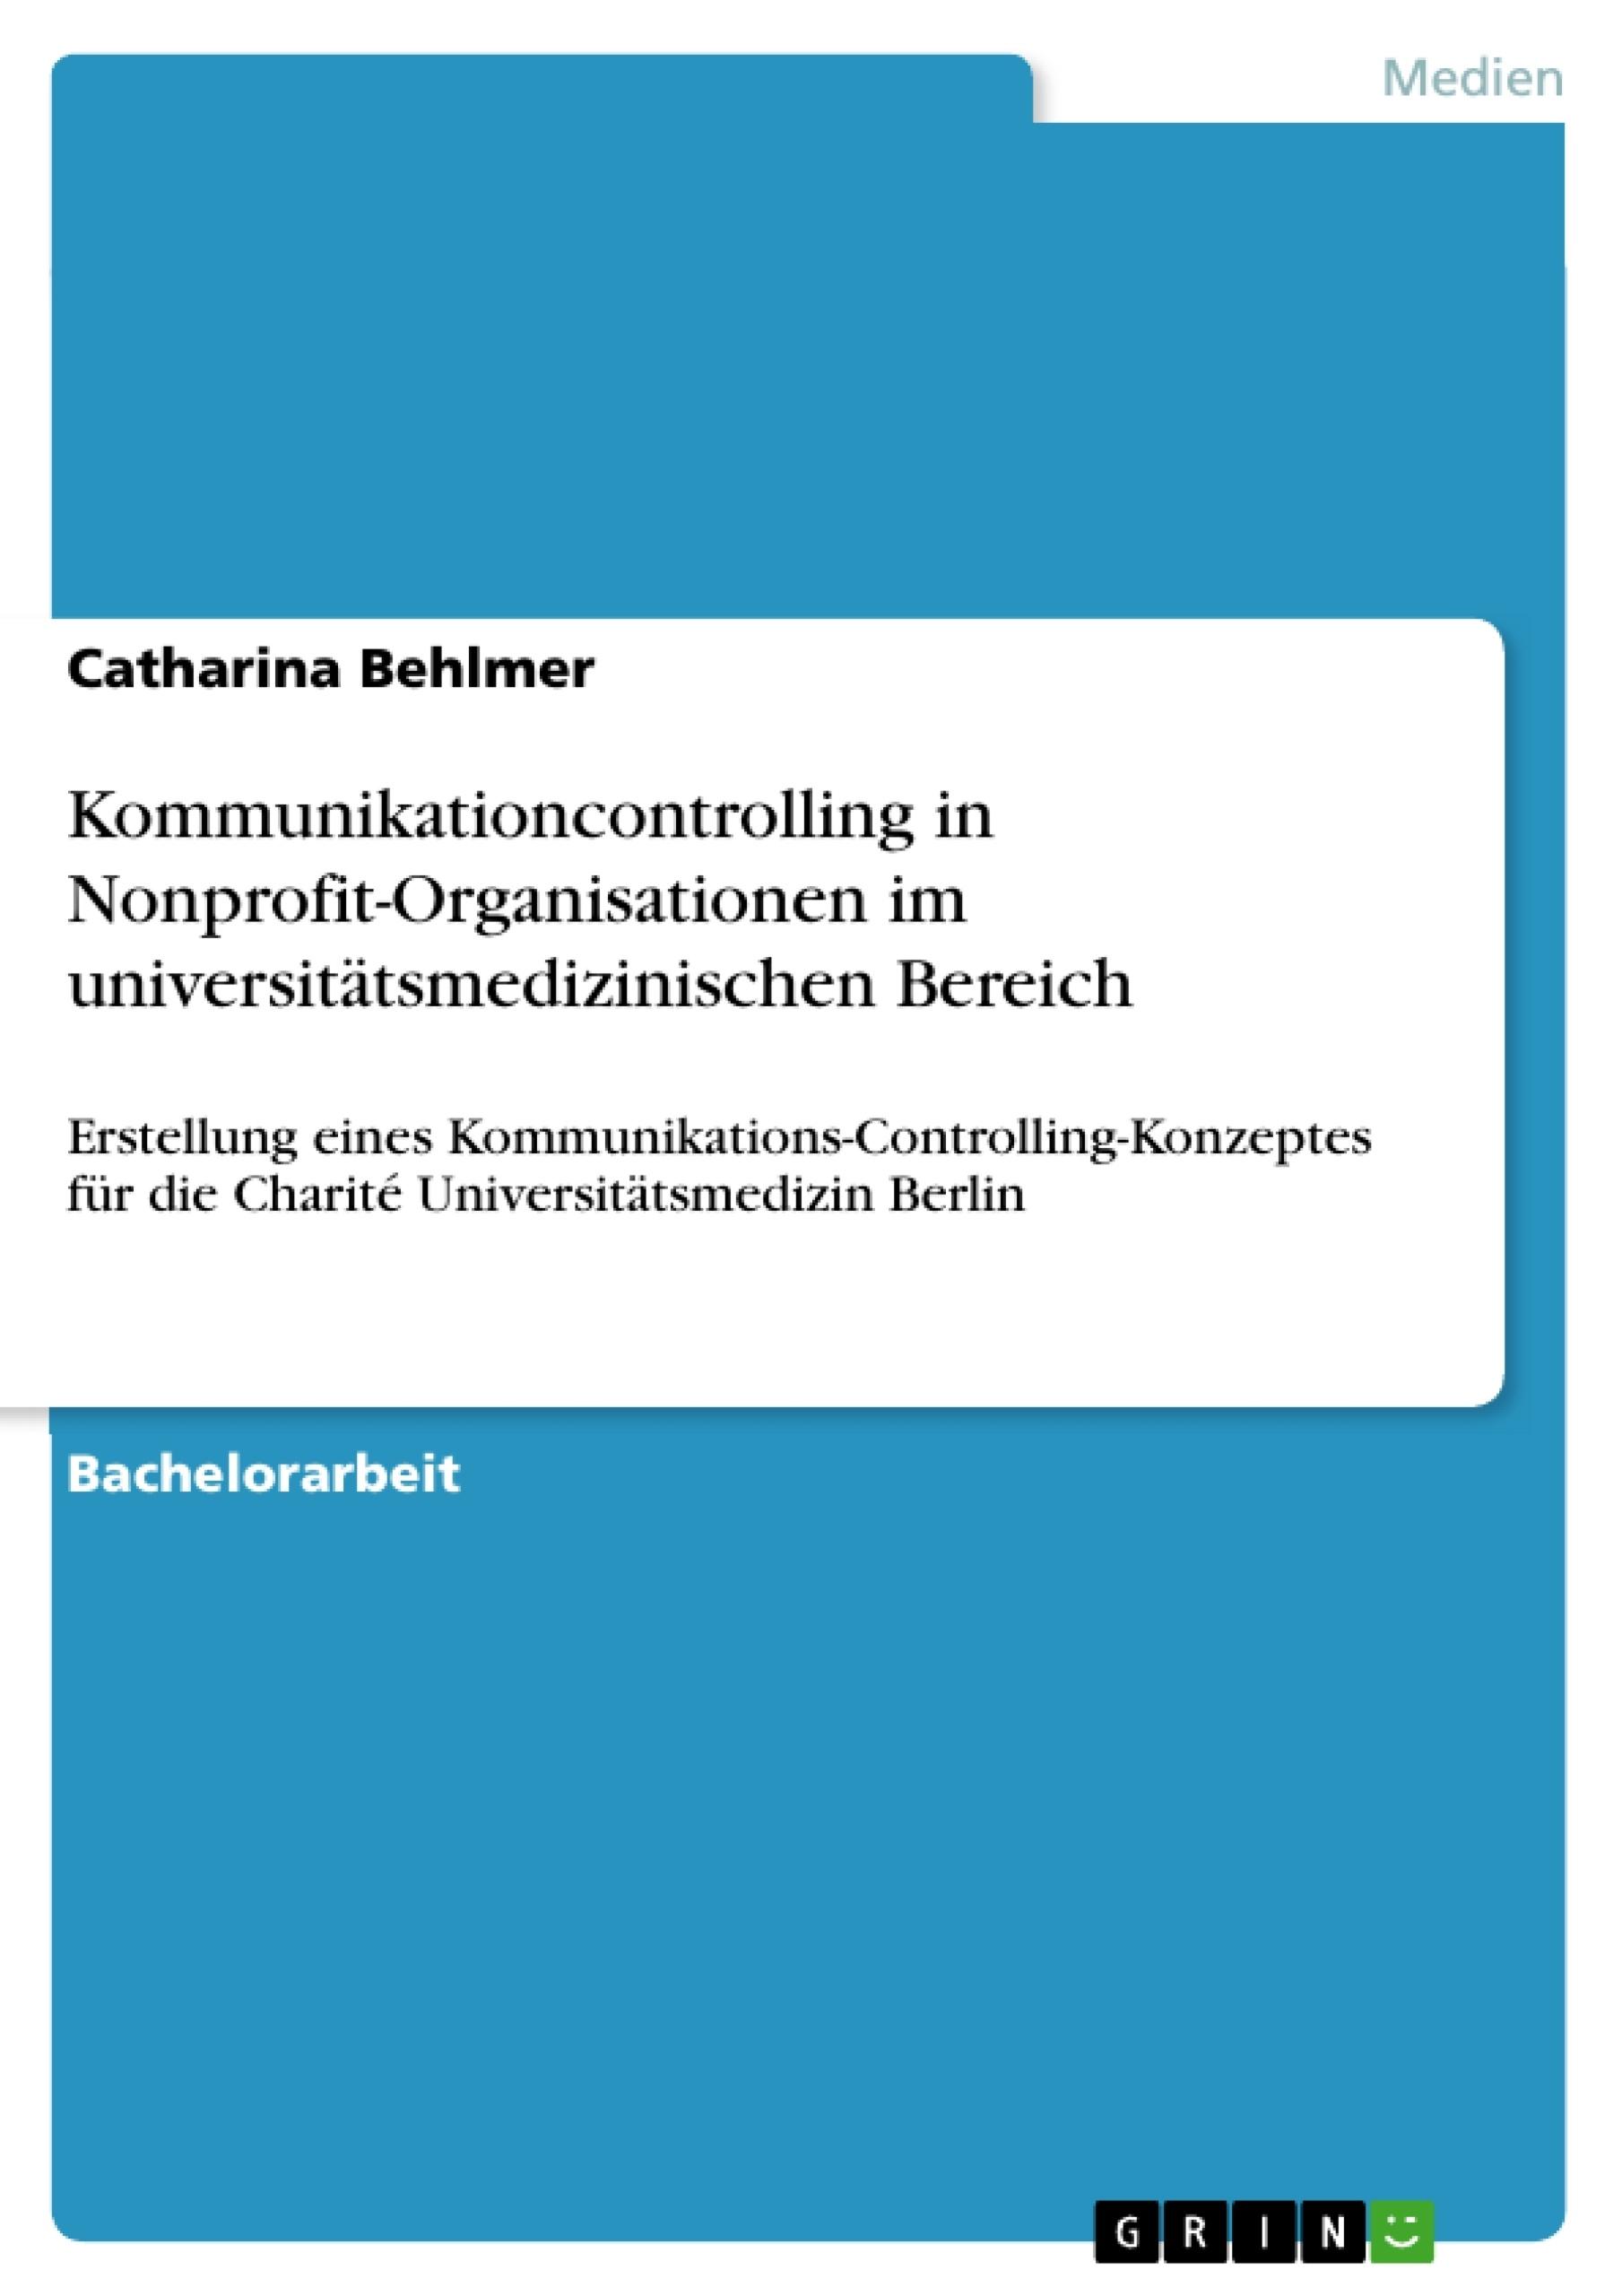 Titel: Kommunikationcontrolling in Nonprofit-Organisationen im universitätsmedizinischen Bereich